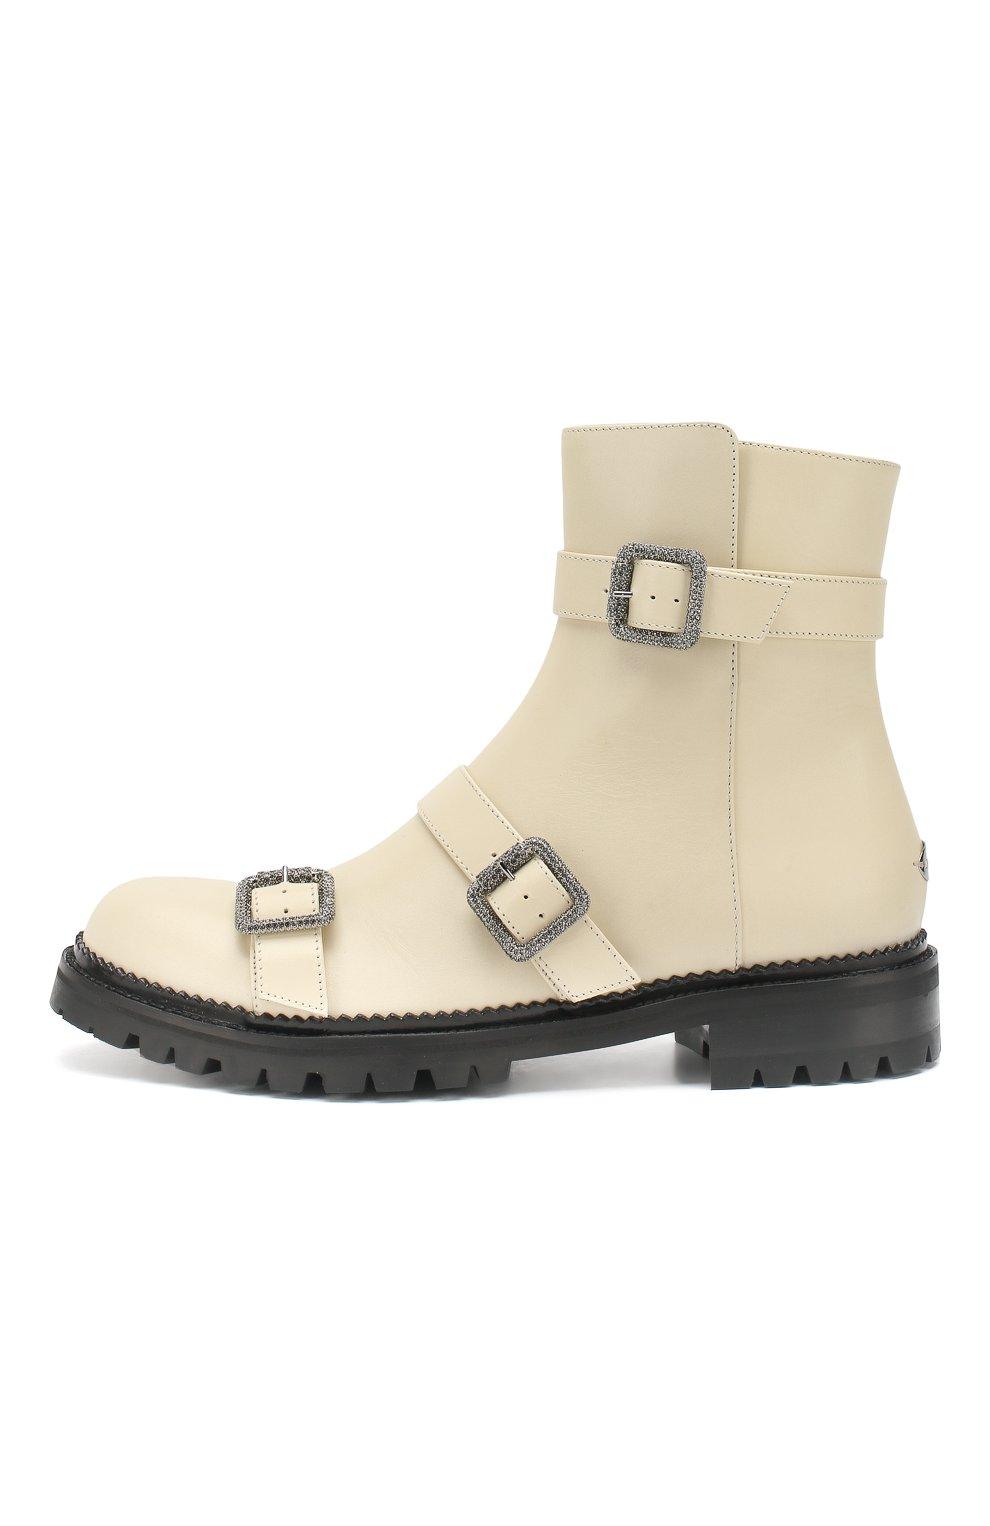 Кожаные ботинки Hank Jimmy Choo кремовые | Фото №3